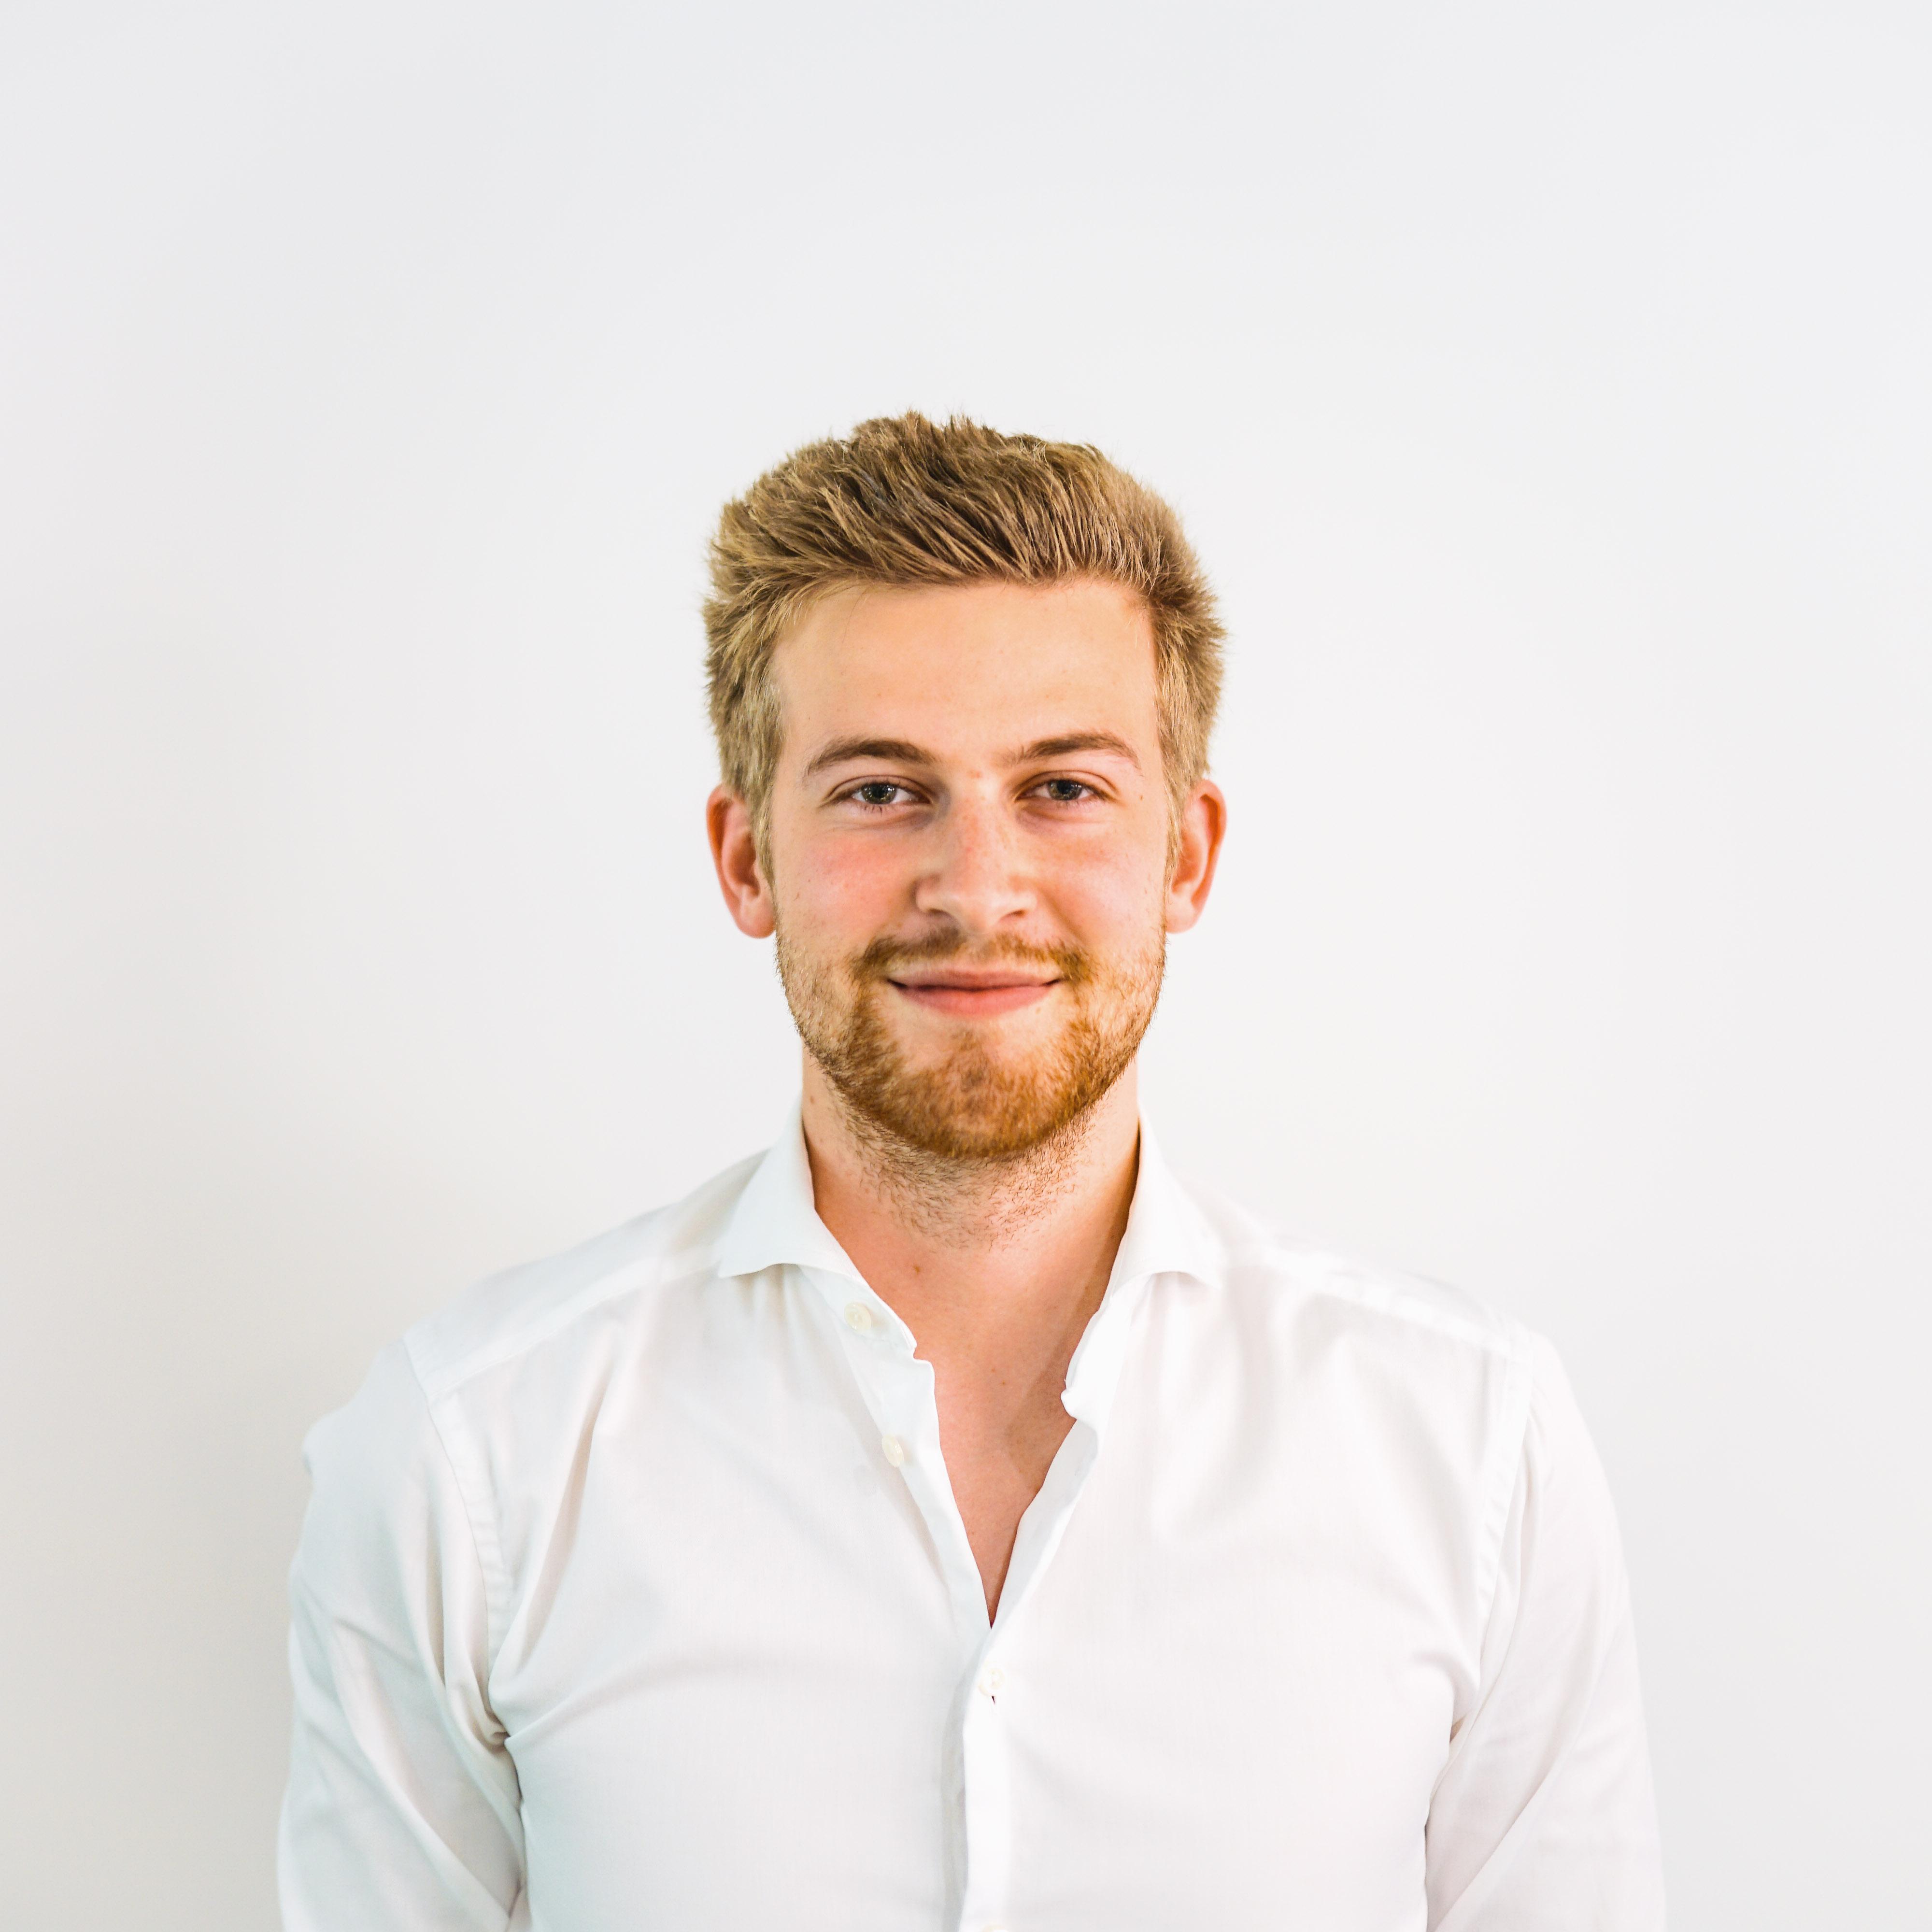 Christoffer Eklund